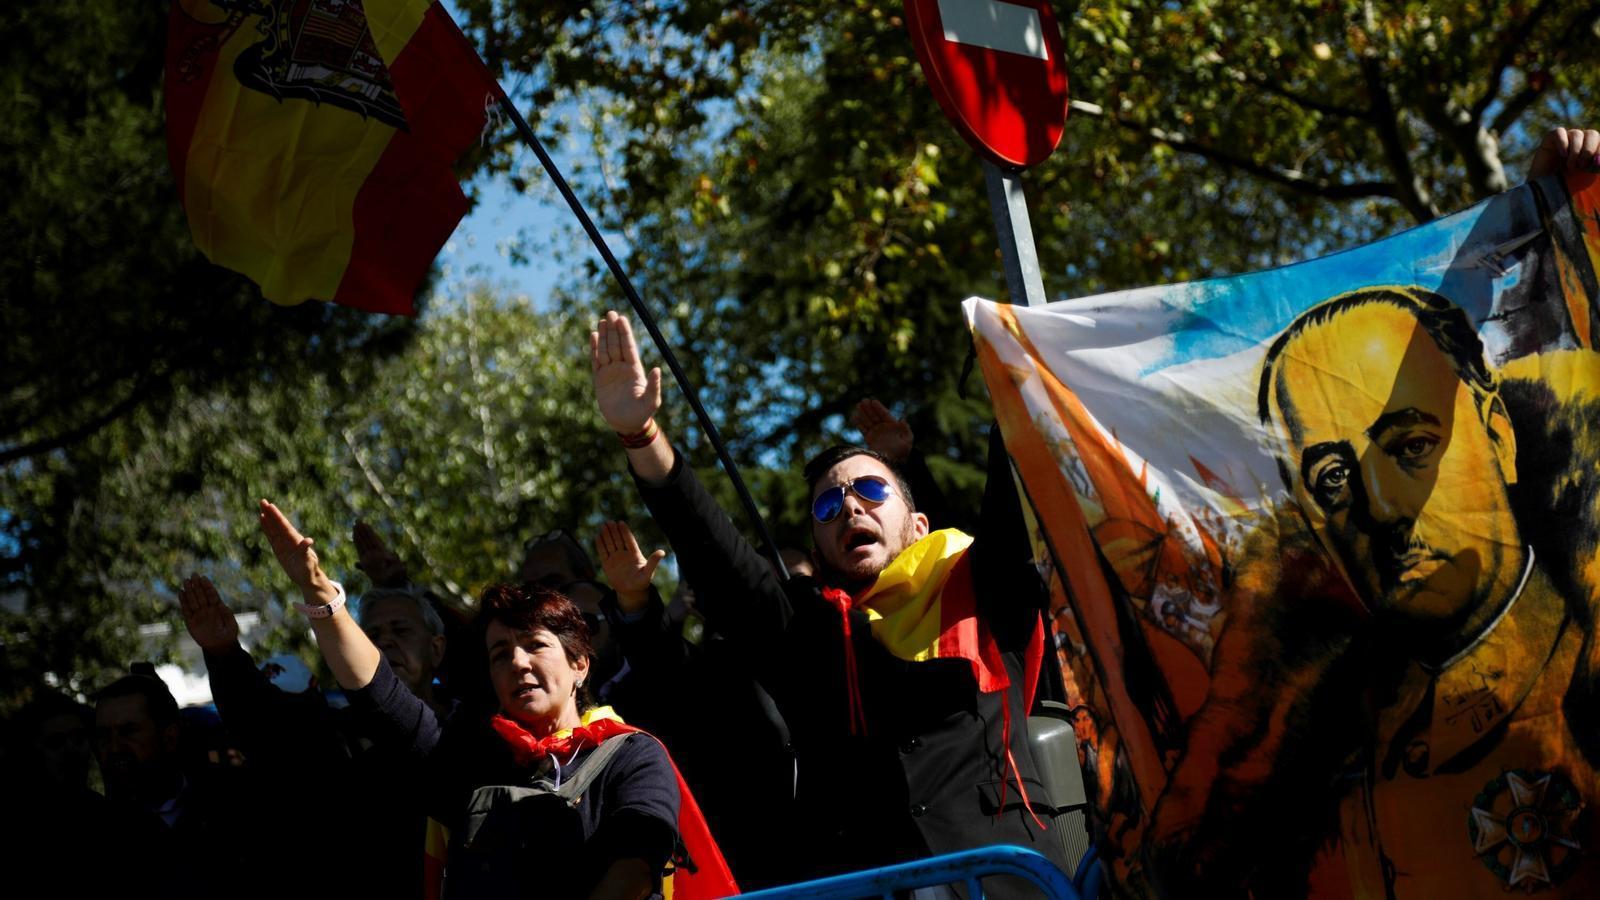 Els manifestants reben el fèretre de Franco amb el braç alçat a Mingorrubio